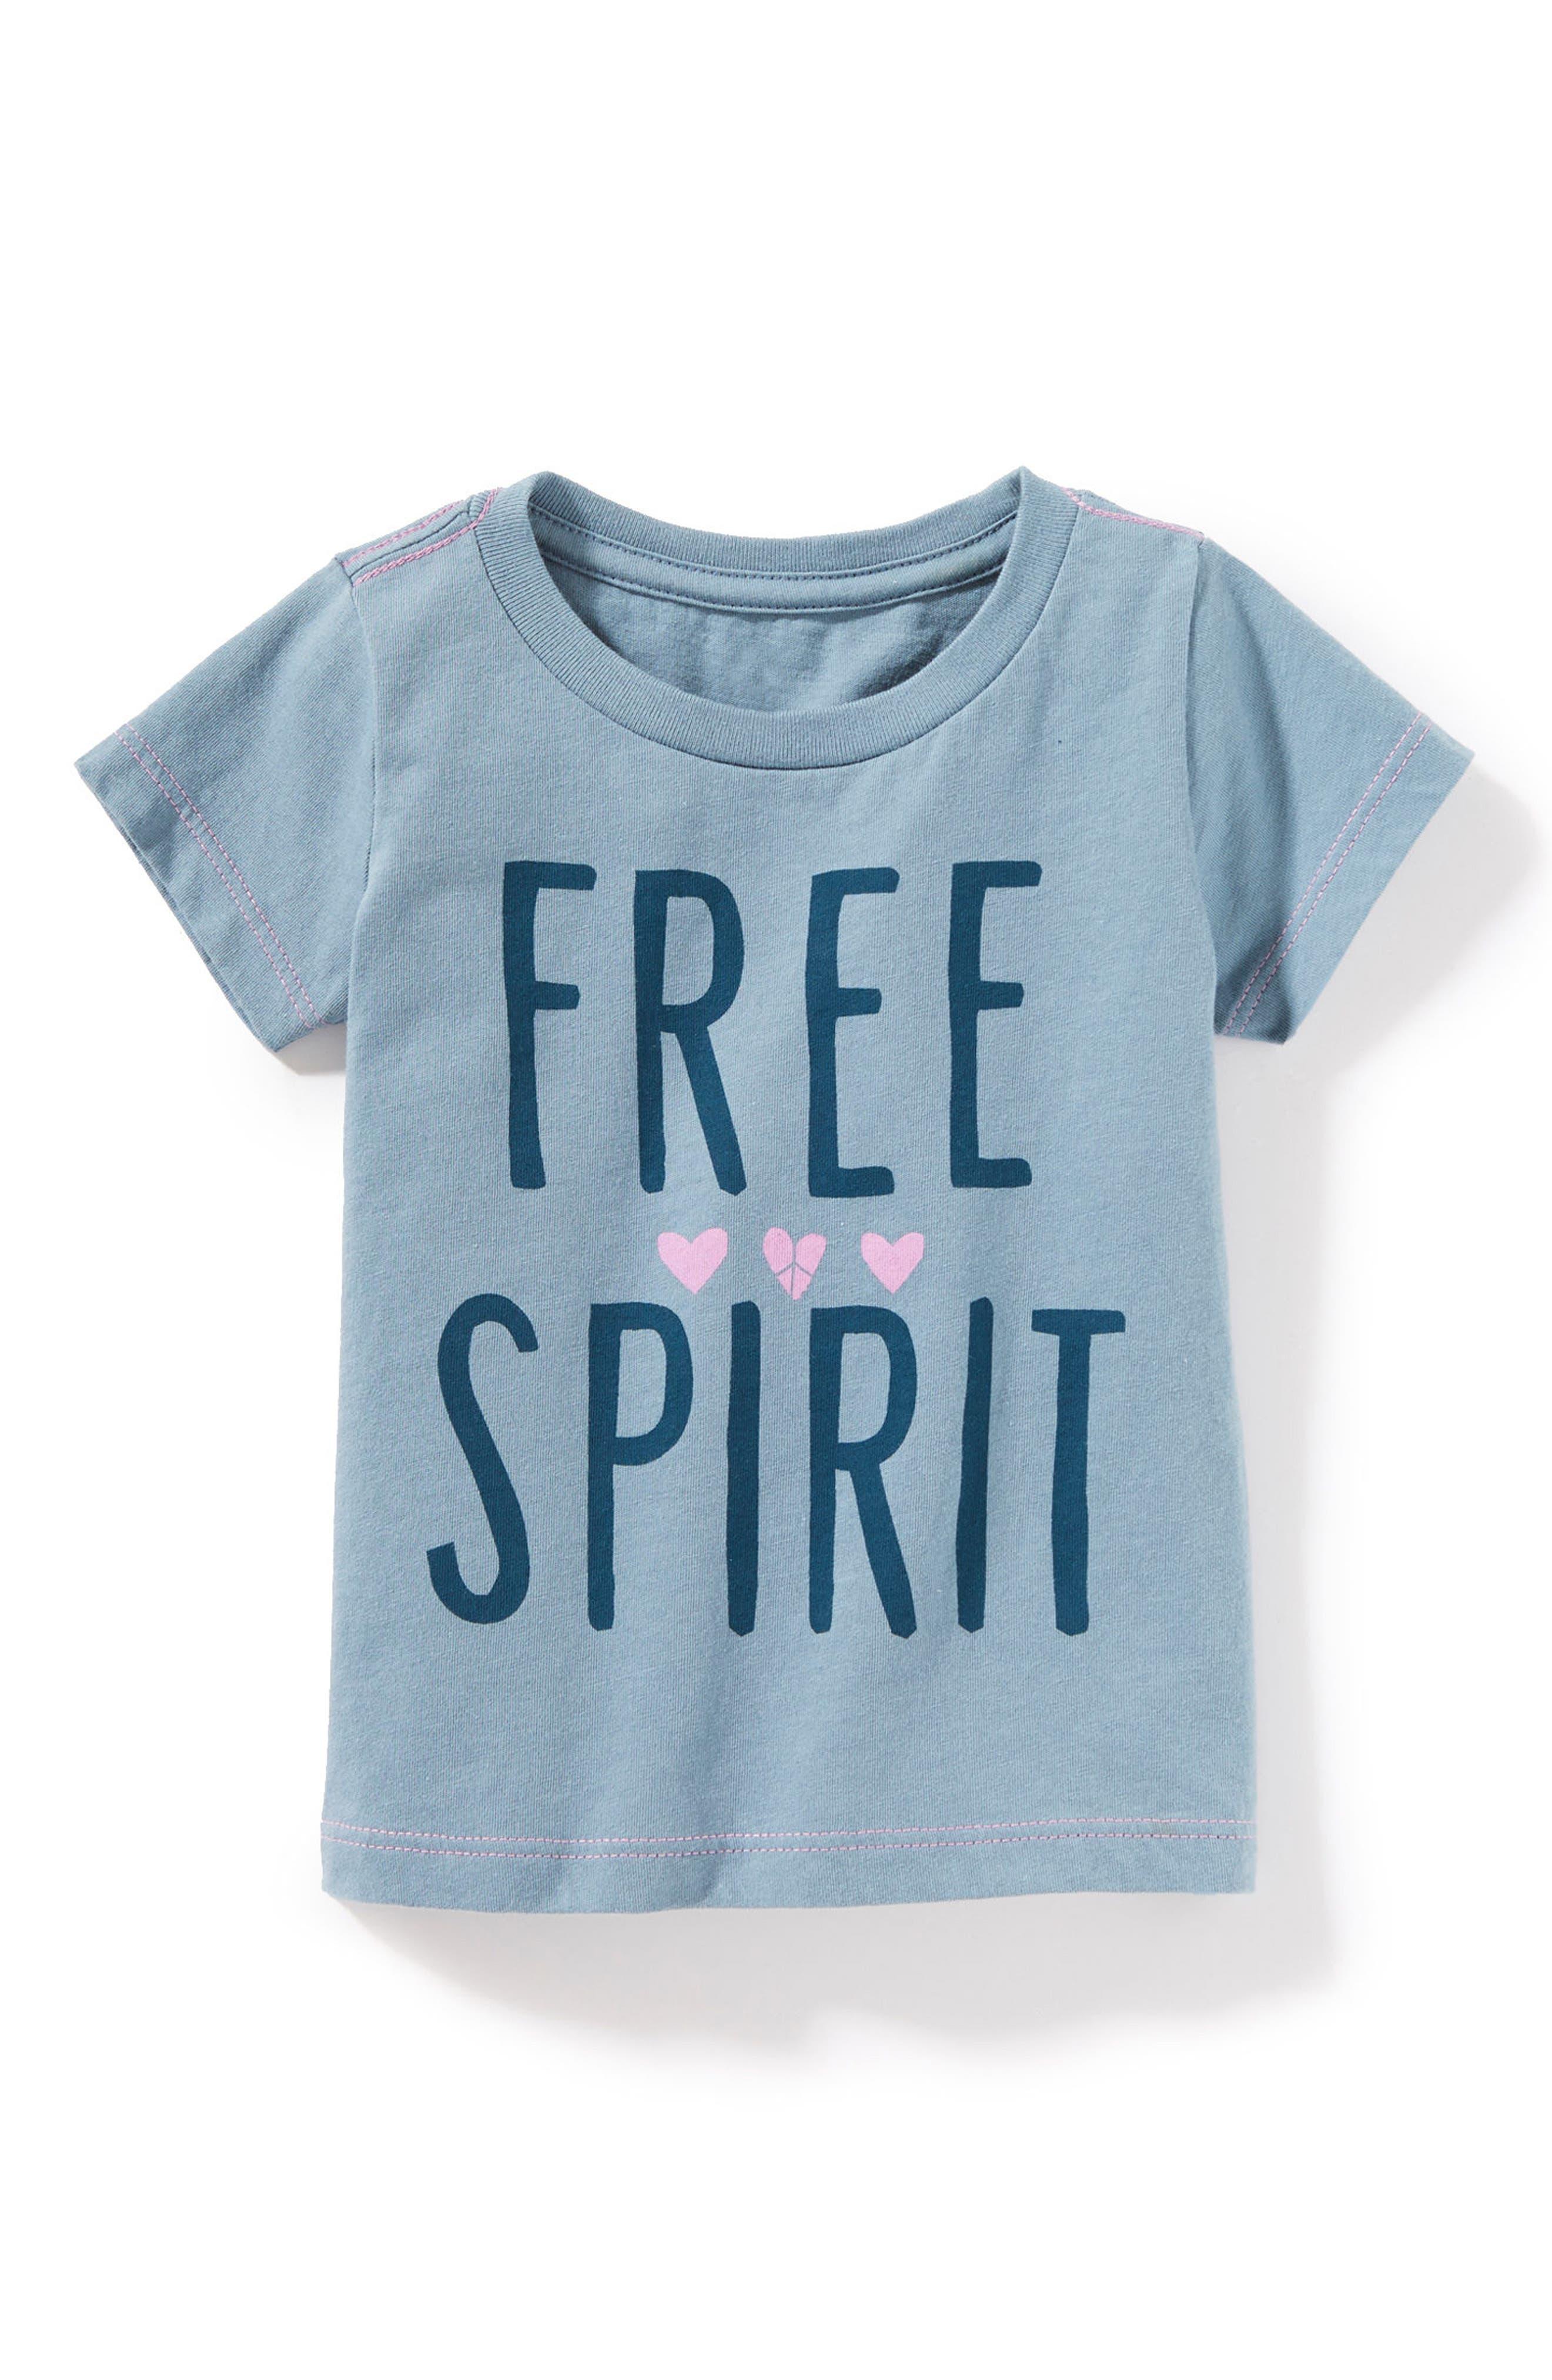 Alternate Image 1 Selected - Peek Free Spirit Graphic Tee (Baby Girls)